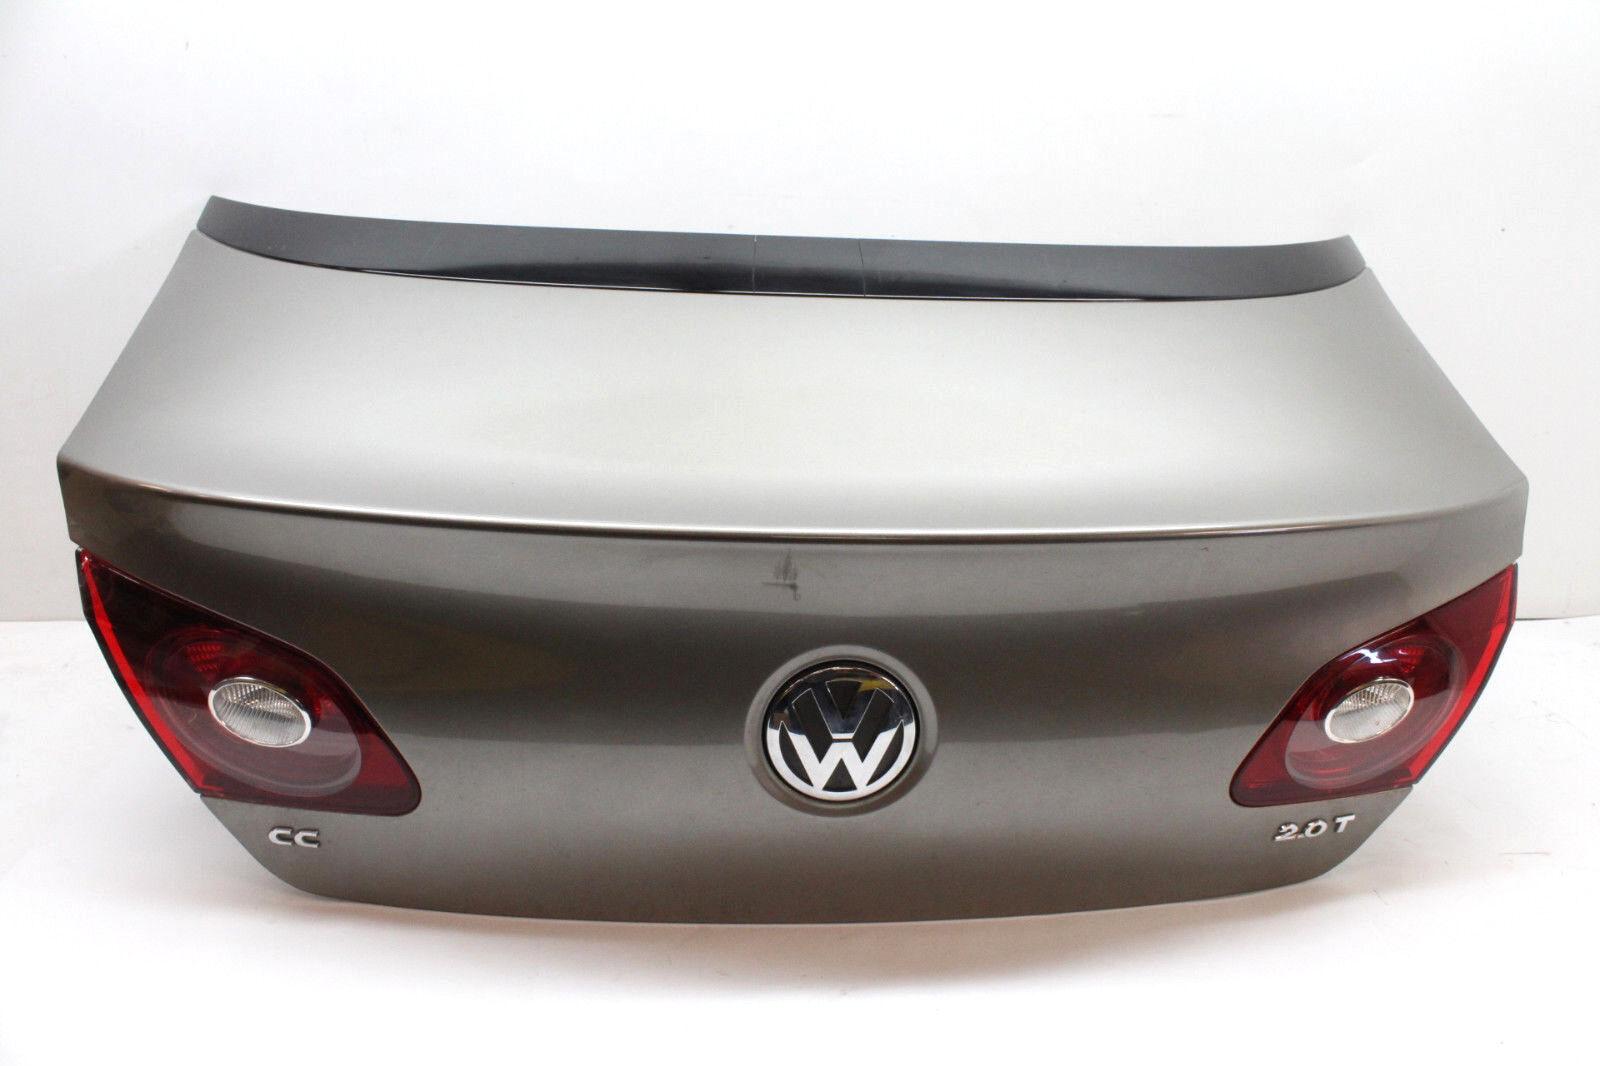 2009 2011 Vw Volkswagen Cc Rear Lift Gate Wiring Harness Oem Genuine Jeep Yj Ebay 3c8971182e